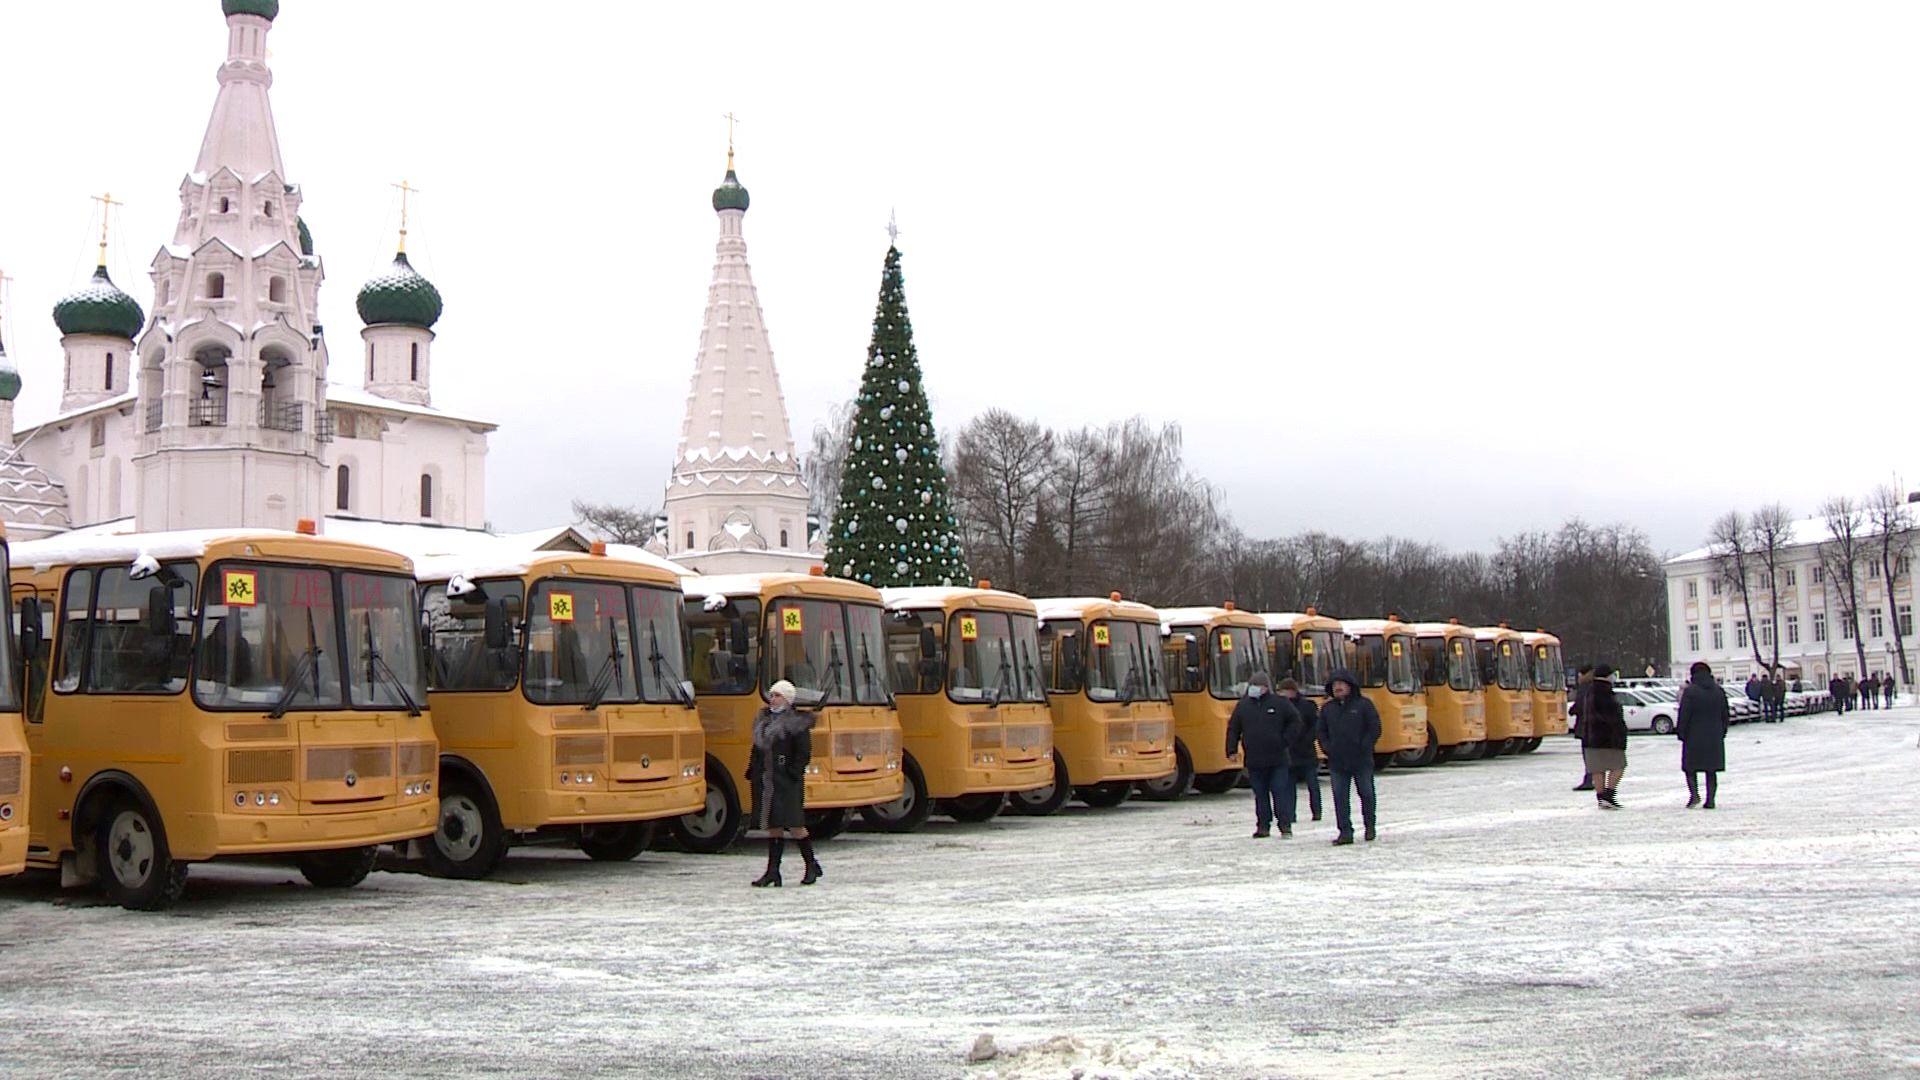 На закупку нового школьного и медицинского транспорта ушло более 479 миллионов рублей